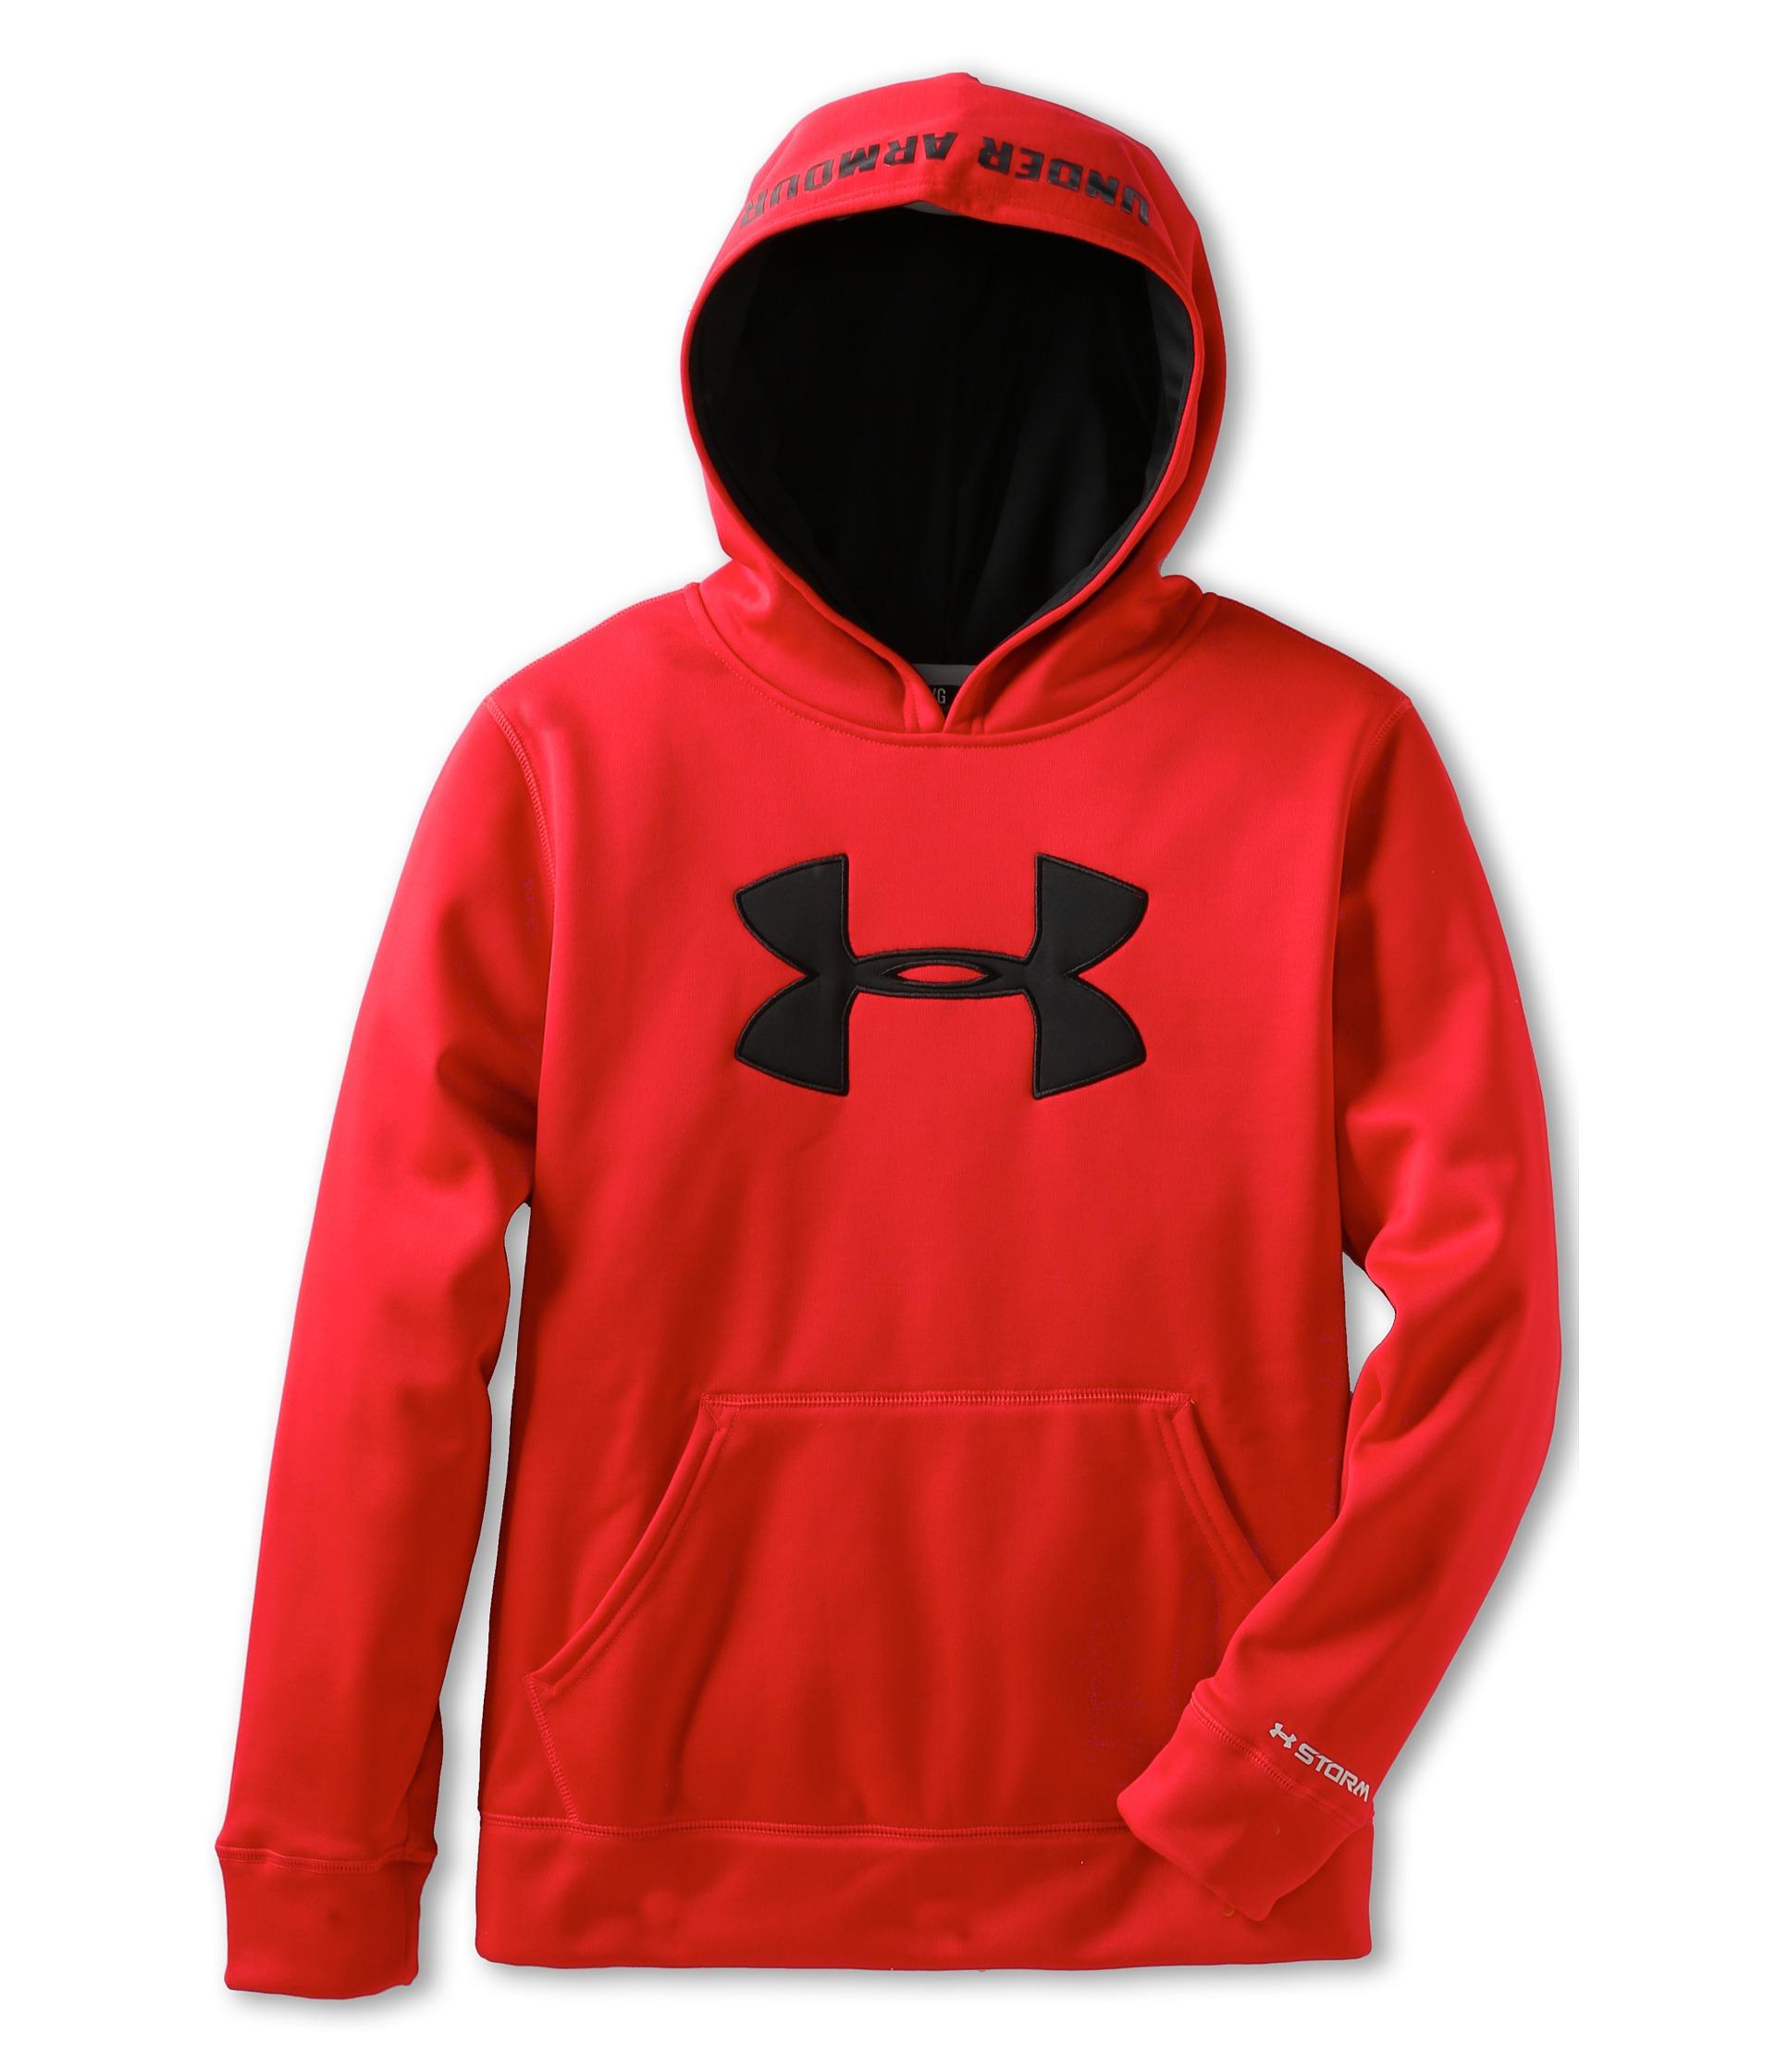 red under armour sweatshirt